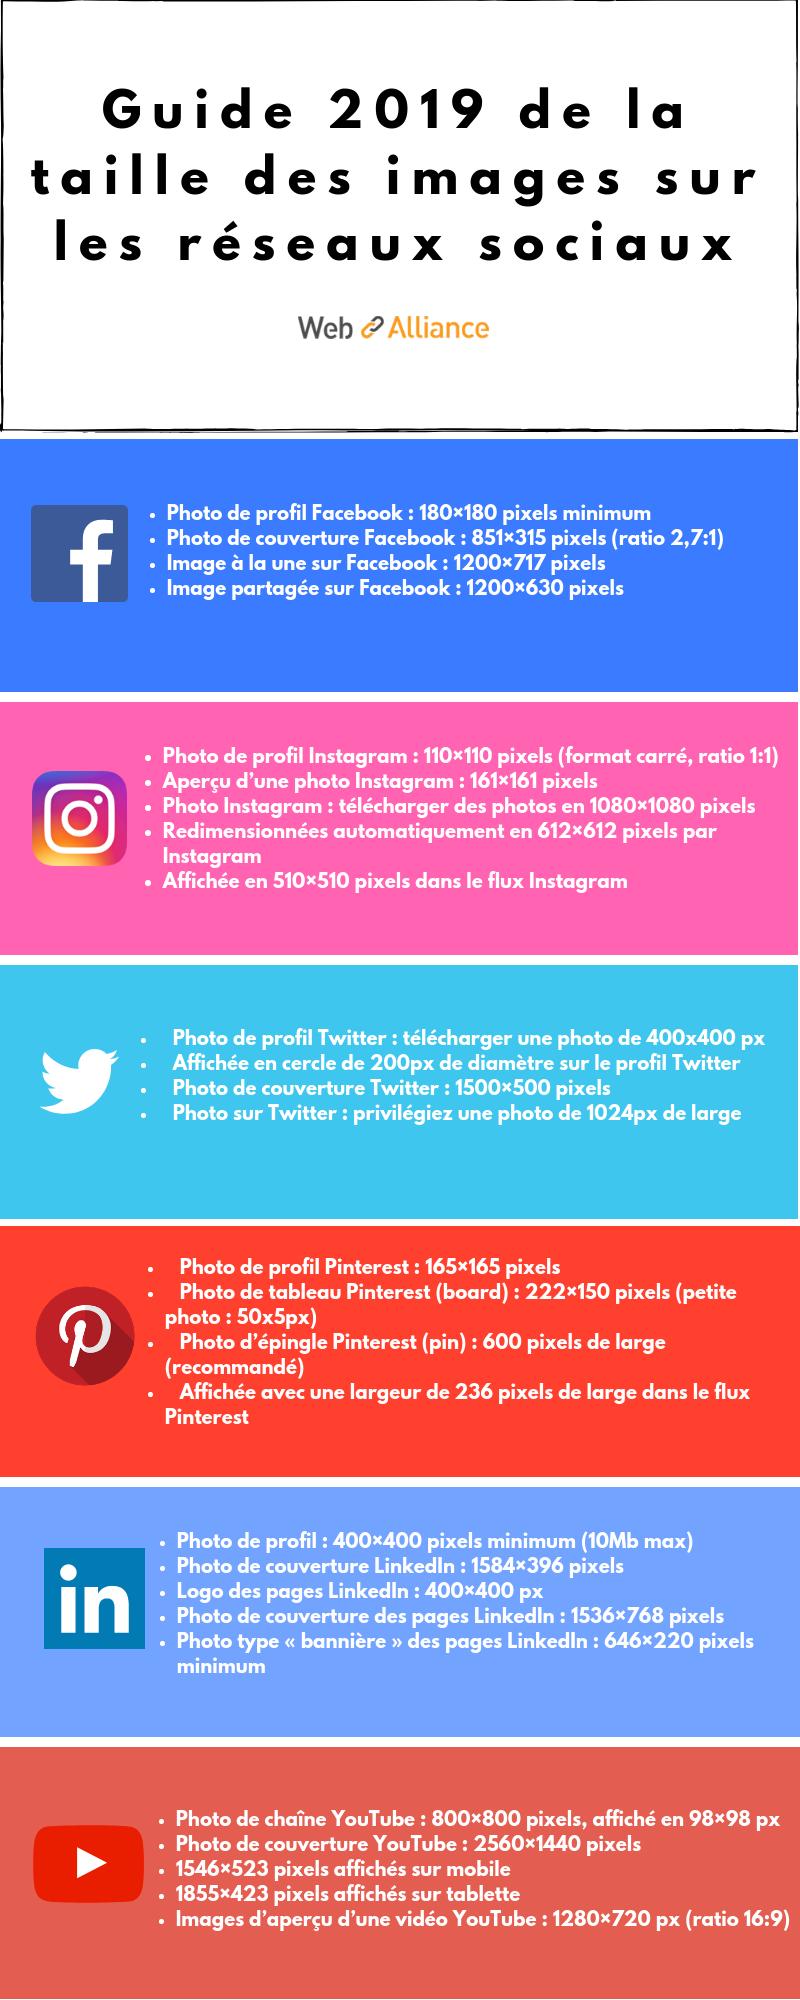 quelles tailles de photos pour les r u00e9seaux sociaux en 2019